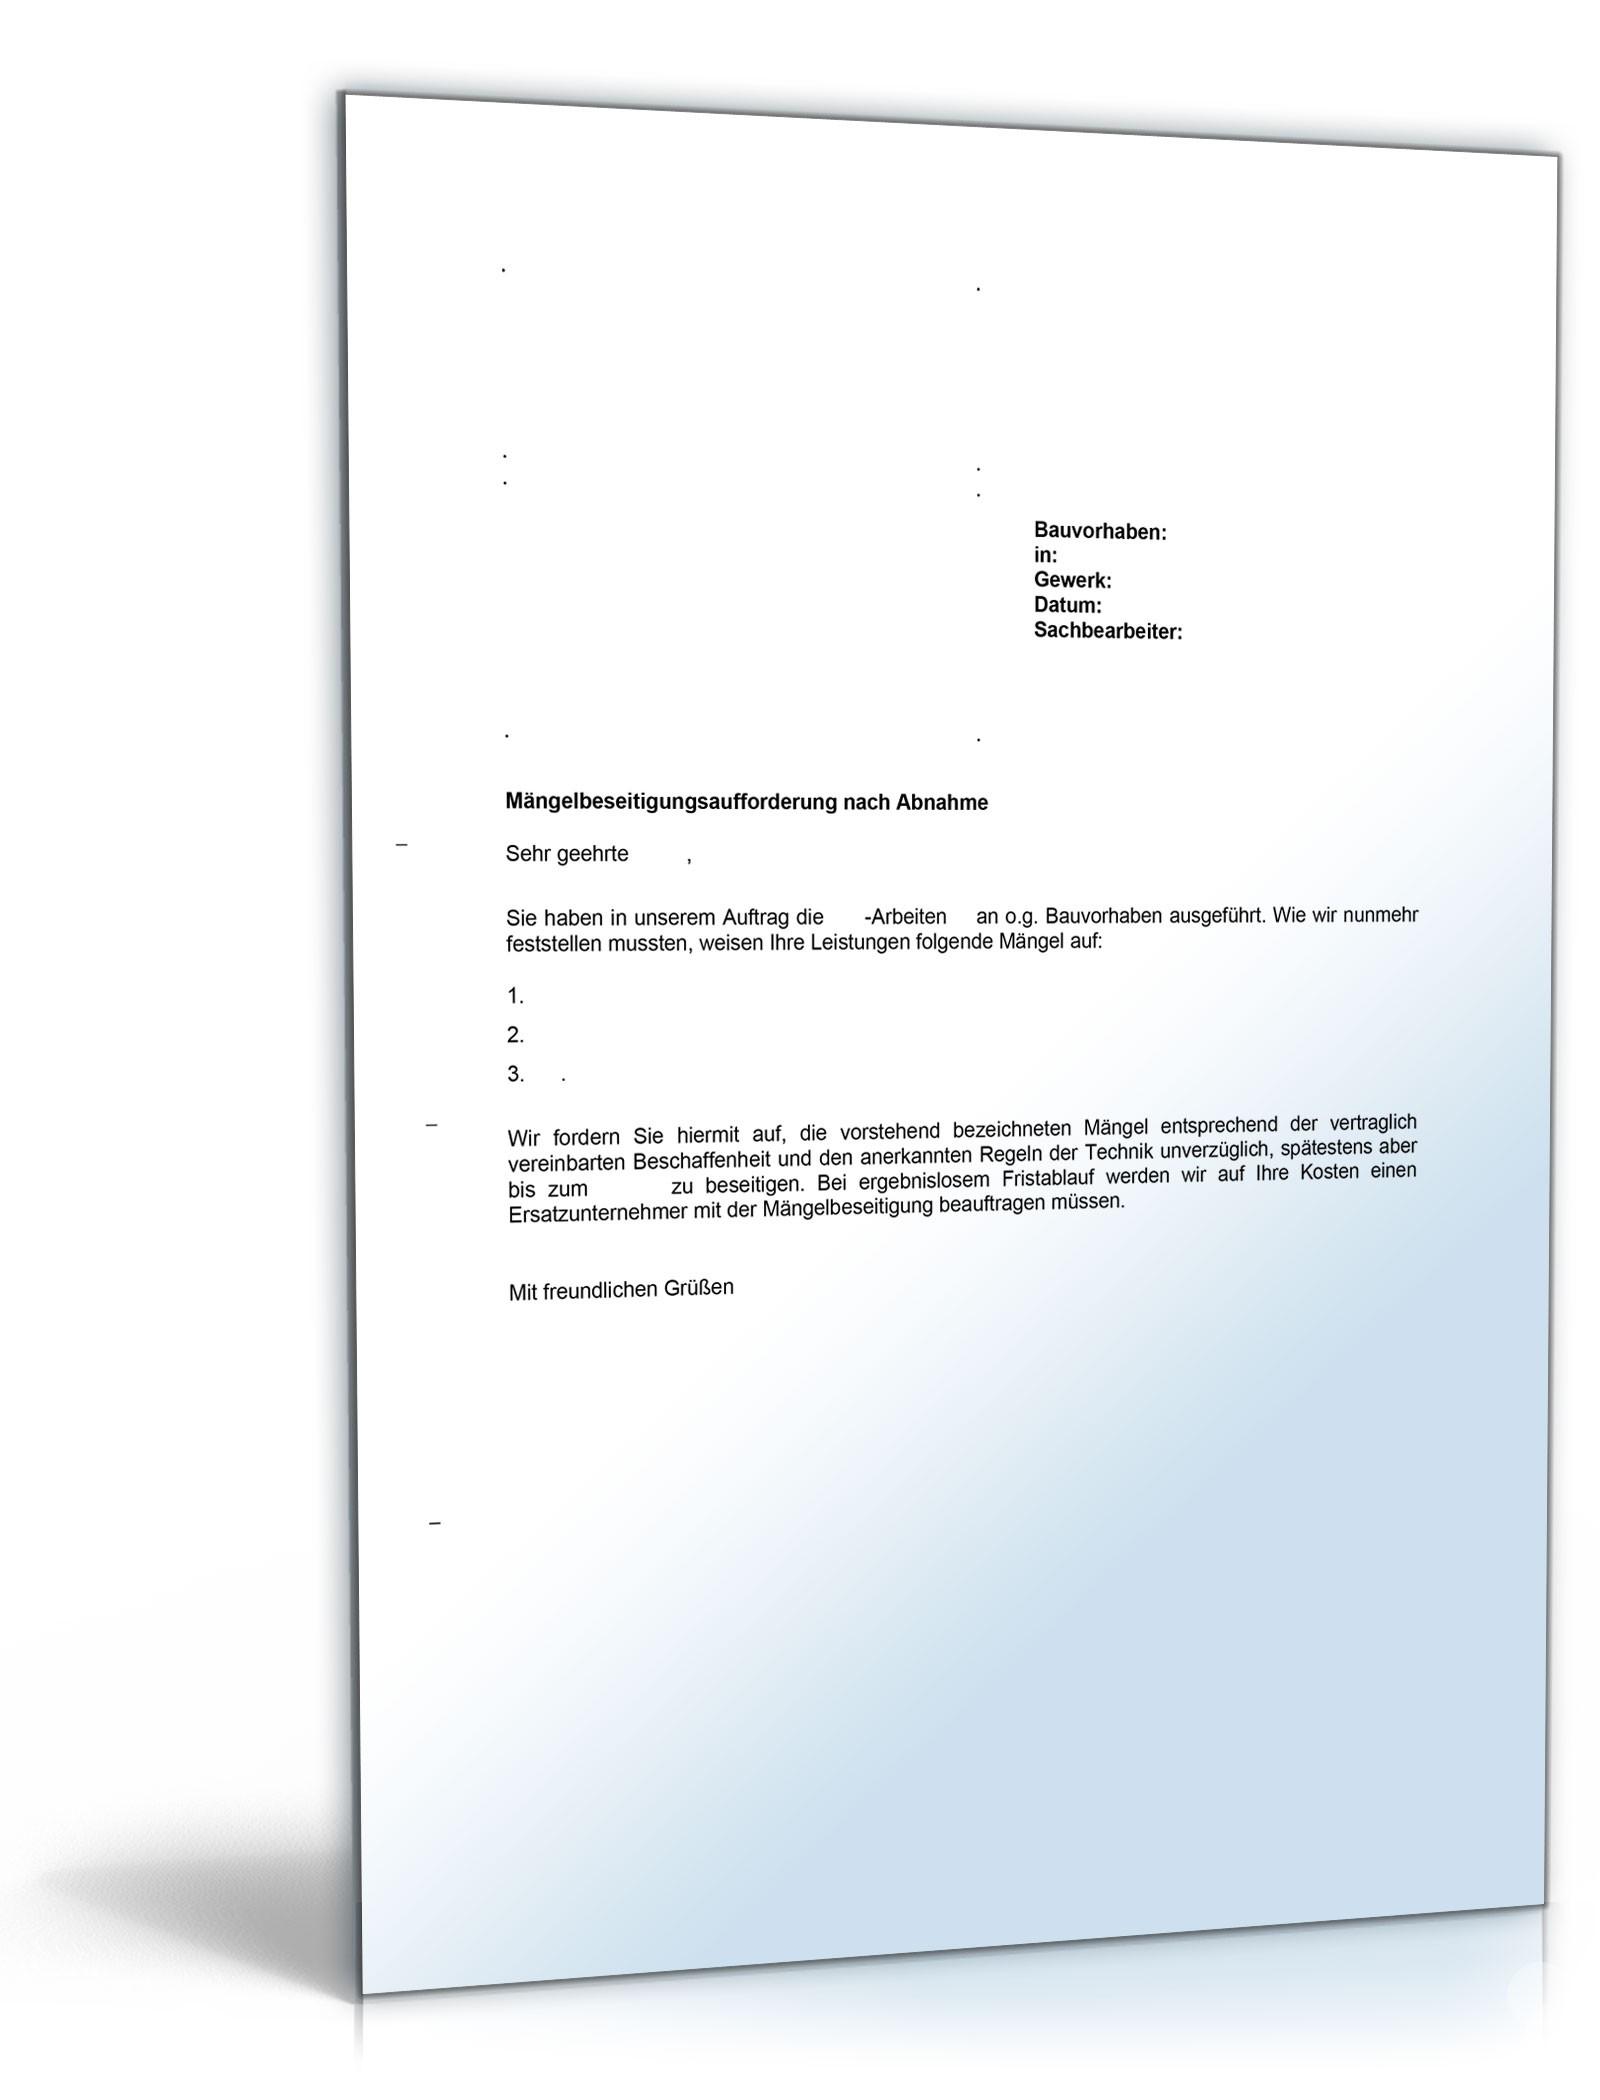 musterbrief vob maengelbeseitigungsaufforderung nach abnahme